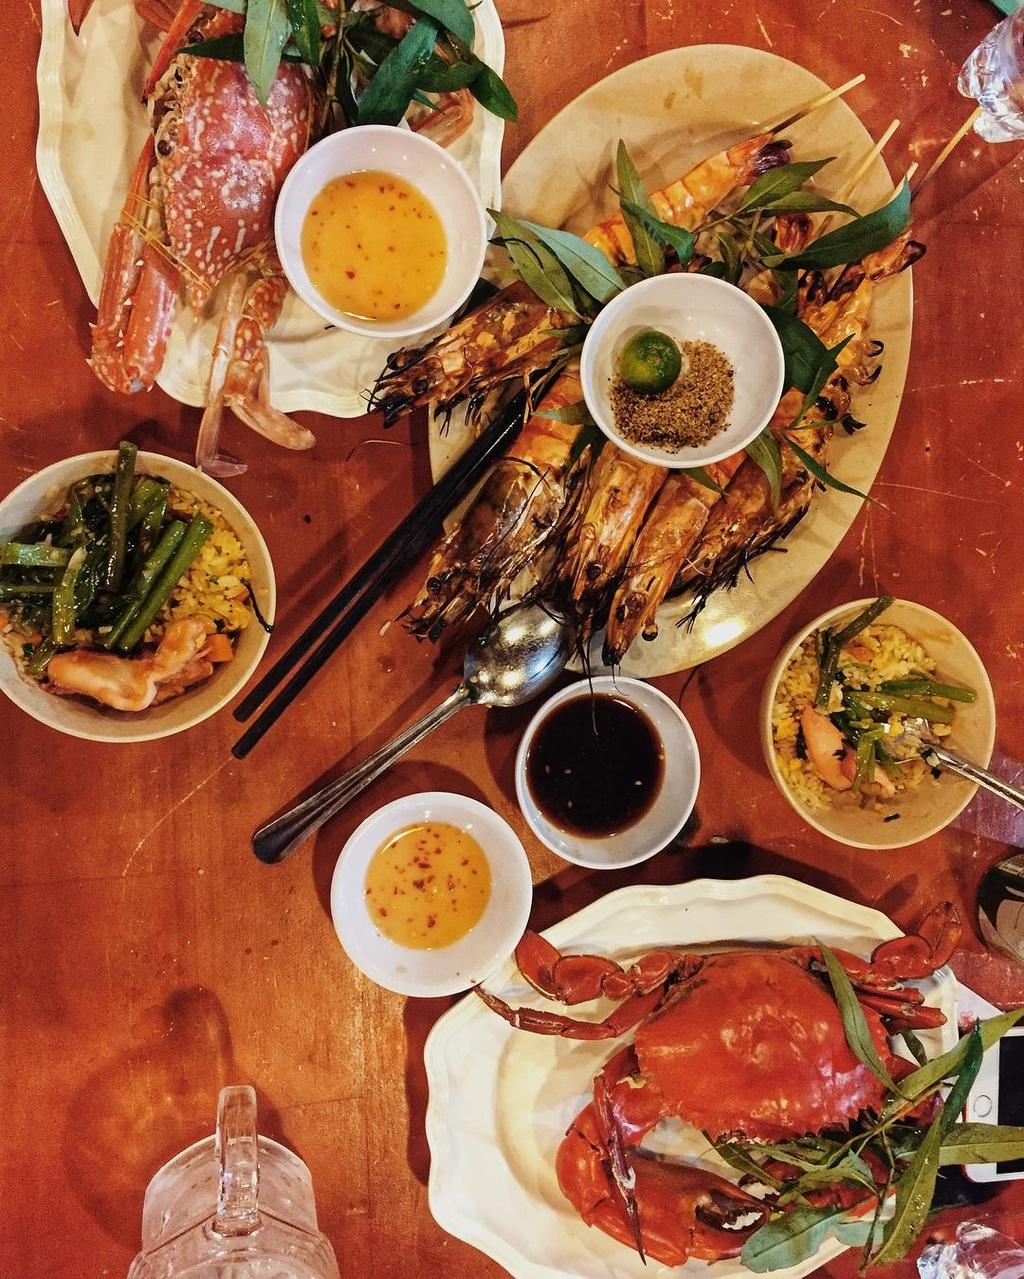 5 dia chi hai san noi tieng bao ngon, gia dep o Phu Quoc hinh anh 14 5 địa chỉ hải sản nổi tiếng bao ngon, giá đẹp ở Phú Quốc - kriiistik_2 - 5 địa chỉ hải sản nổi tiếng bao ngon, giá đẹp ở Phú Quốc